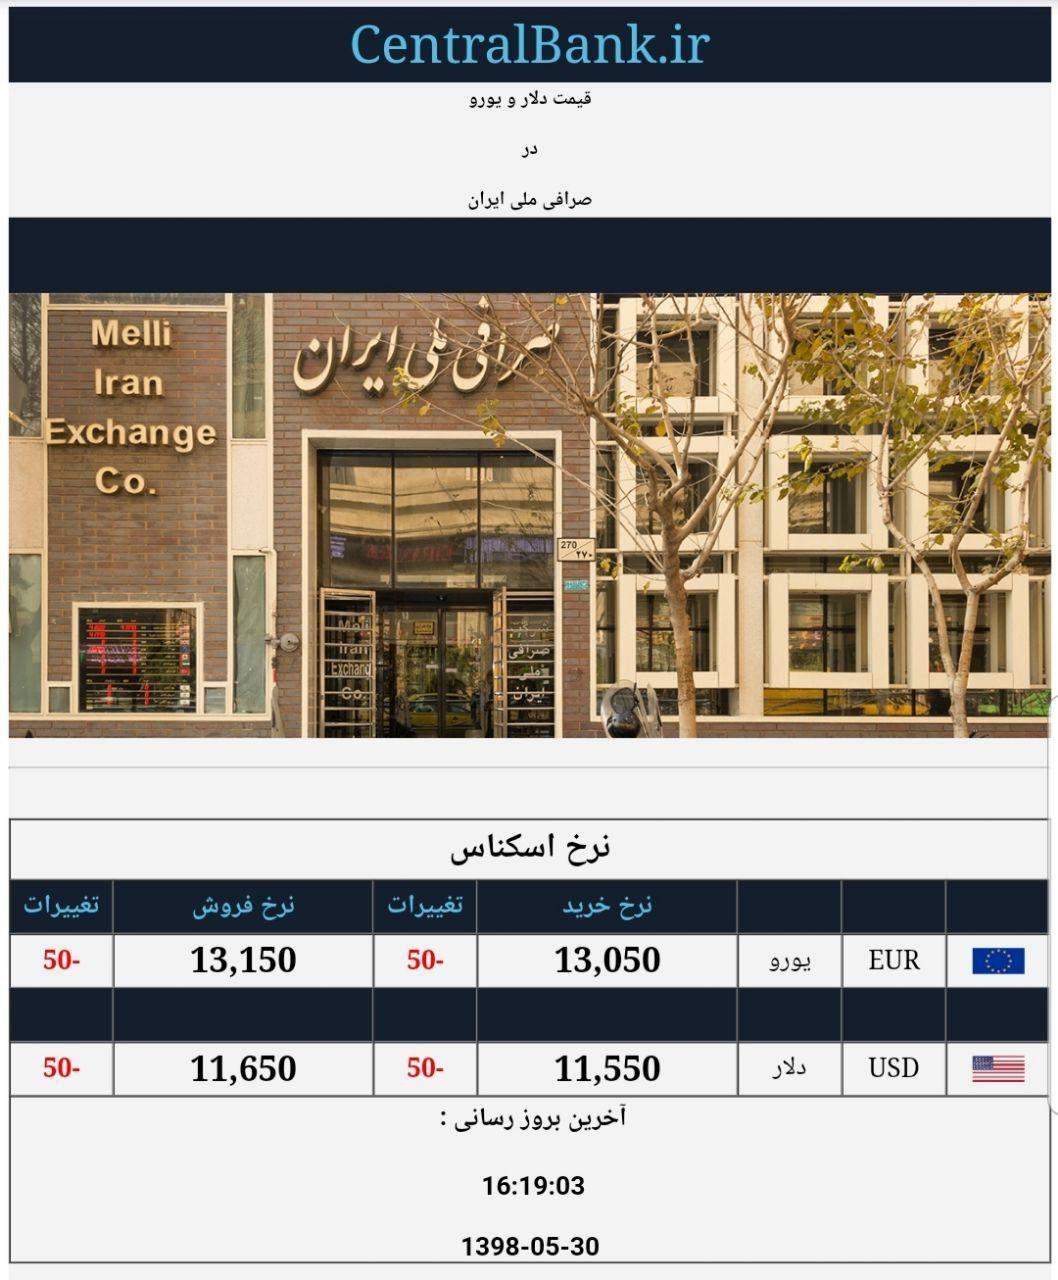 قیمت دلار و یورو در صرافی ملی امروز ۱۳۹۸/۰۵/۳۰